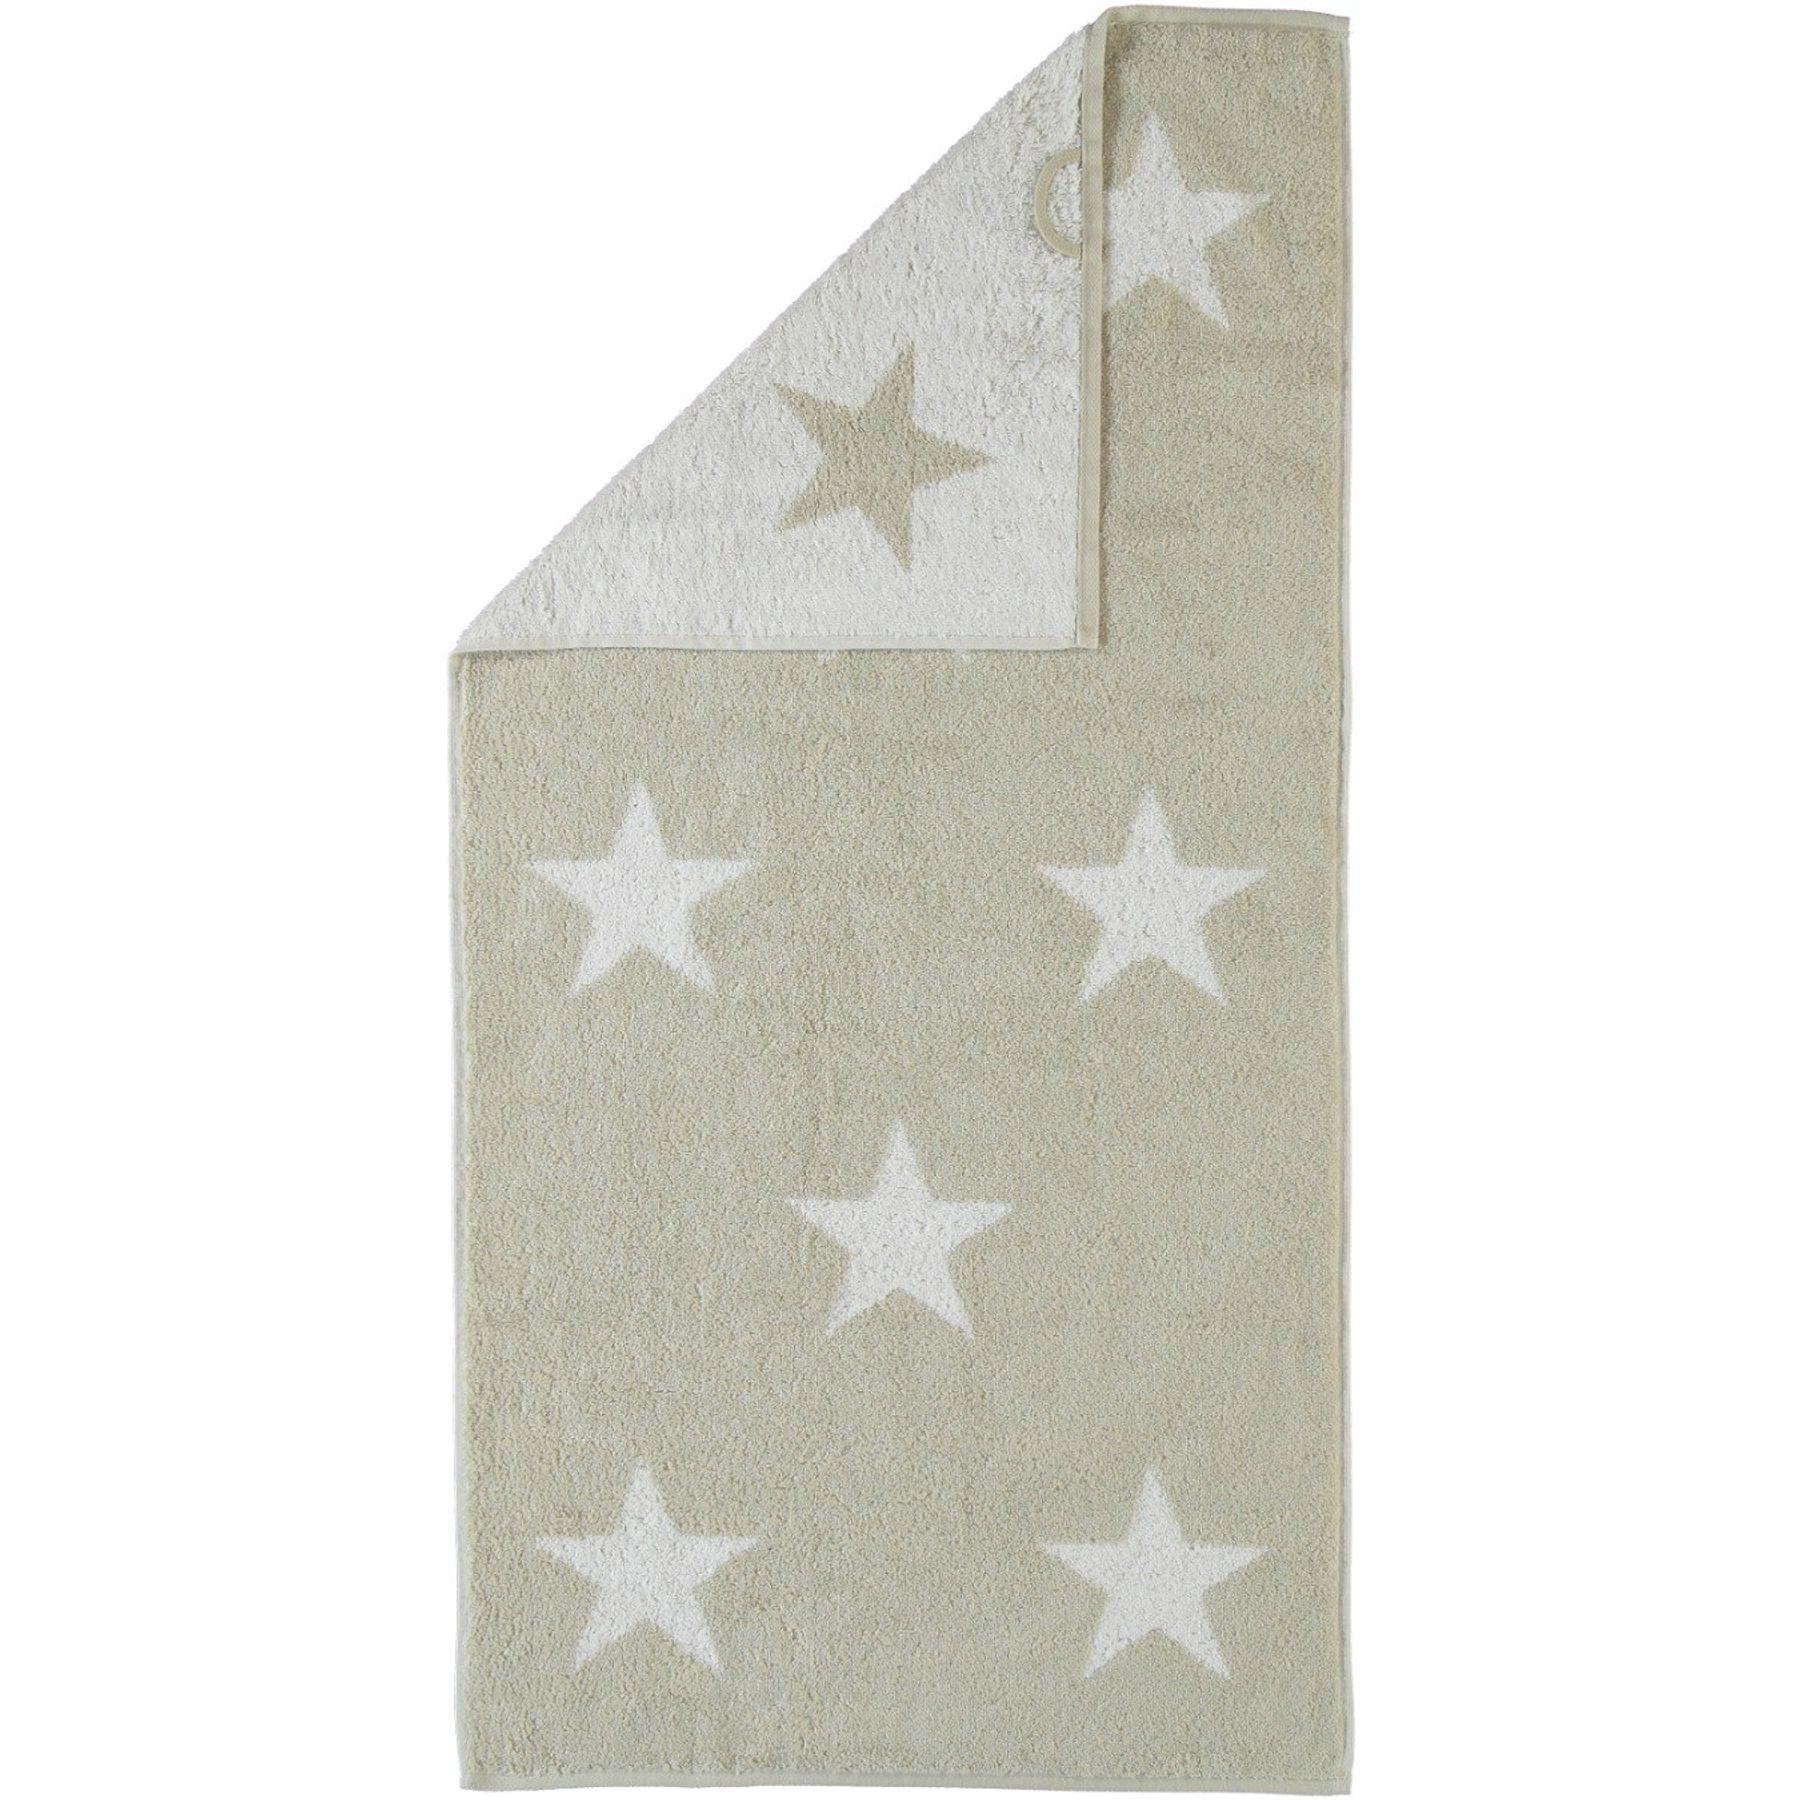 Cawö - Frottier Tuch mit Sternen Muster in verschiedenen Farben und Größen (524) – Bild 1